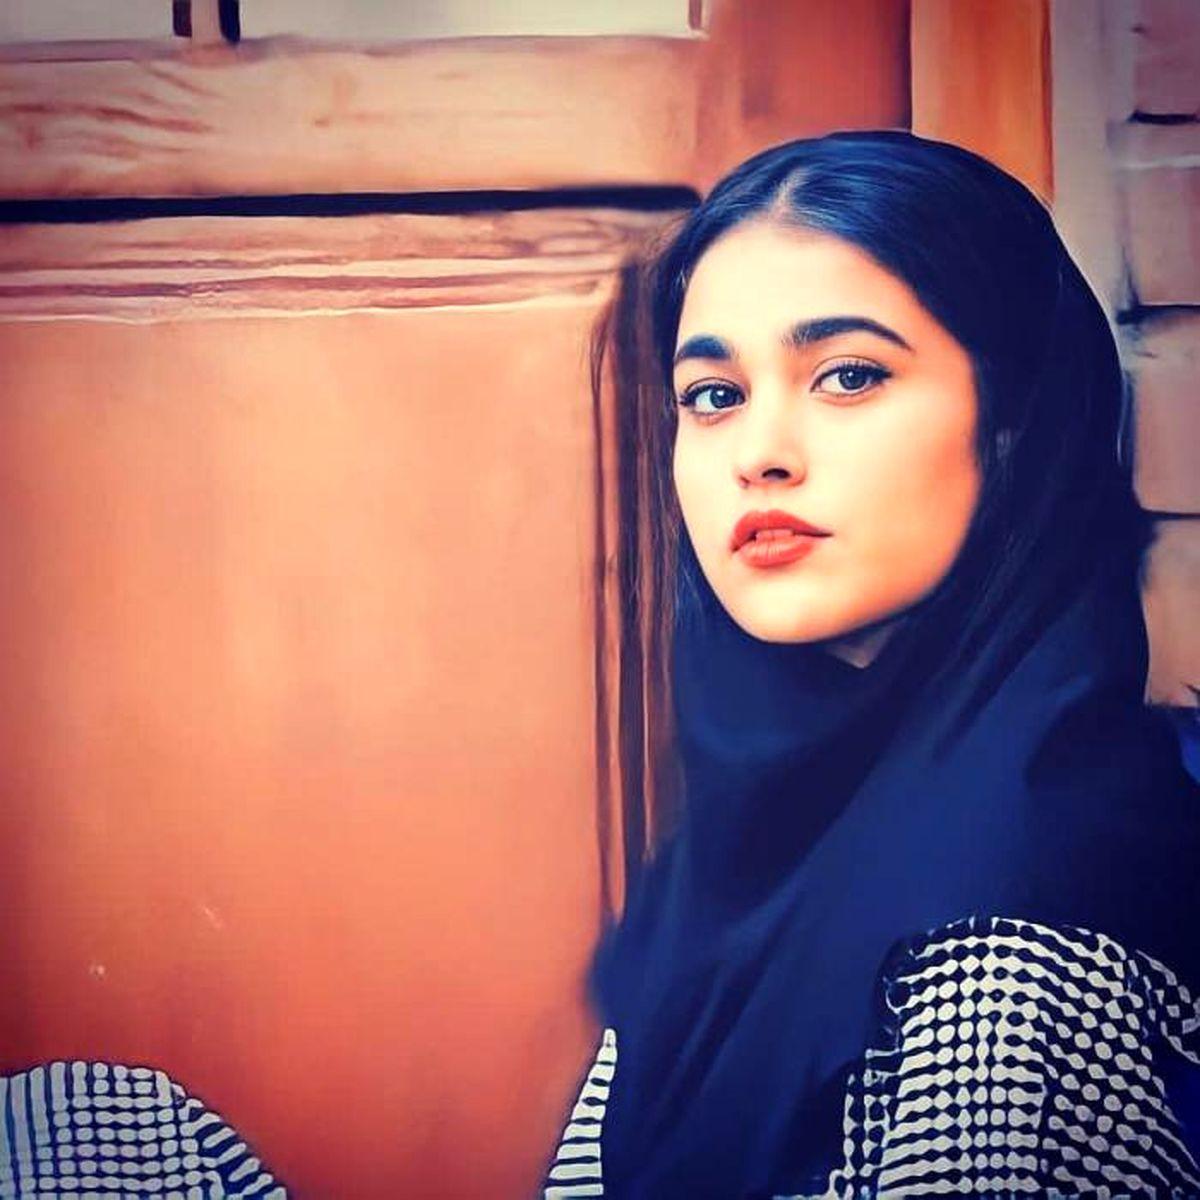 آدرینا صادقی بازیگر احضار از دخترش رونمایی کرد + عکس